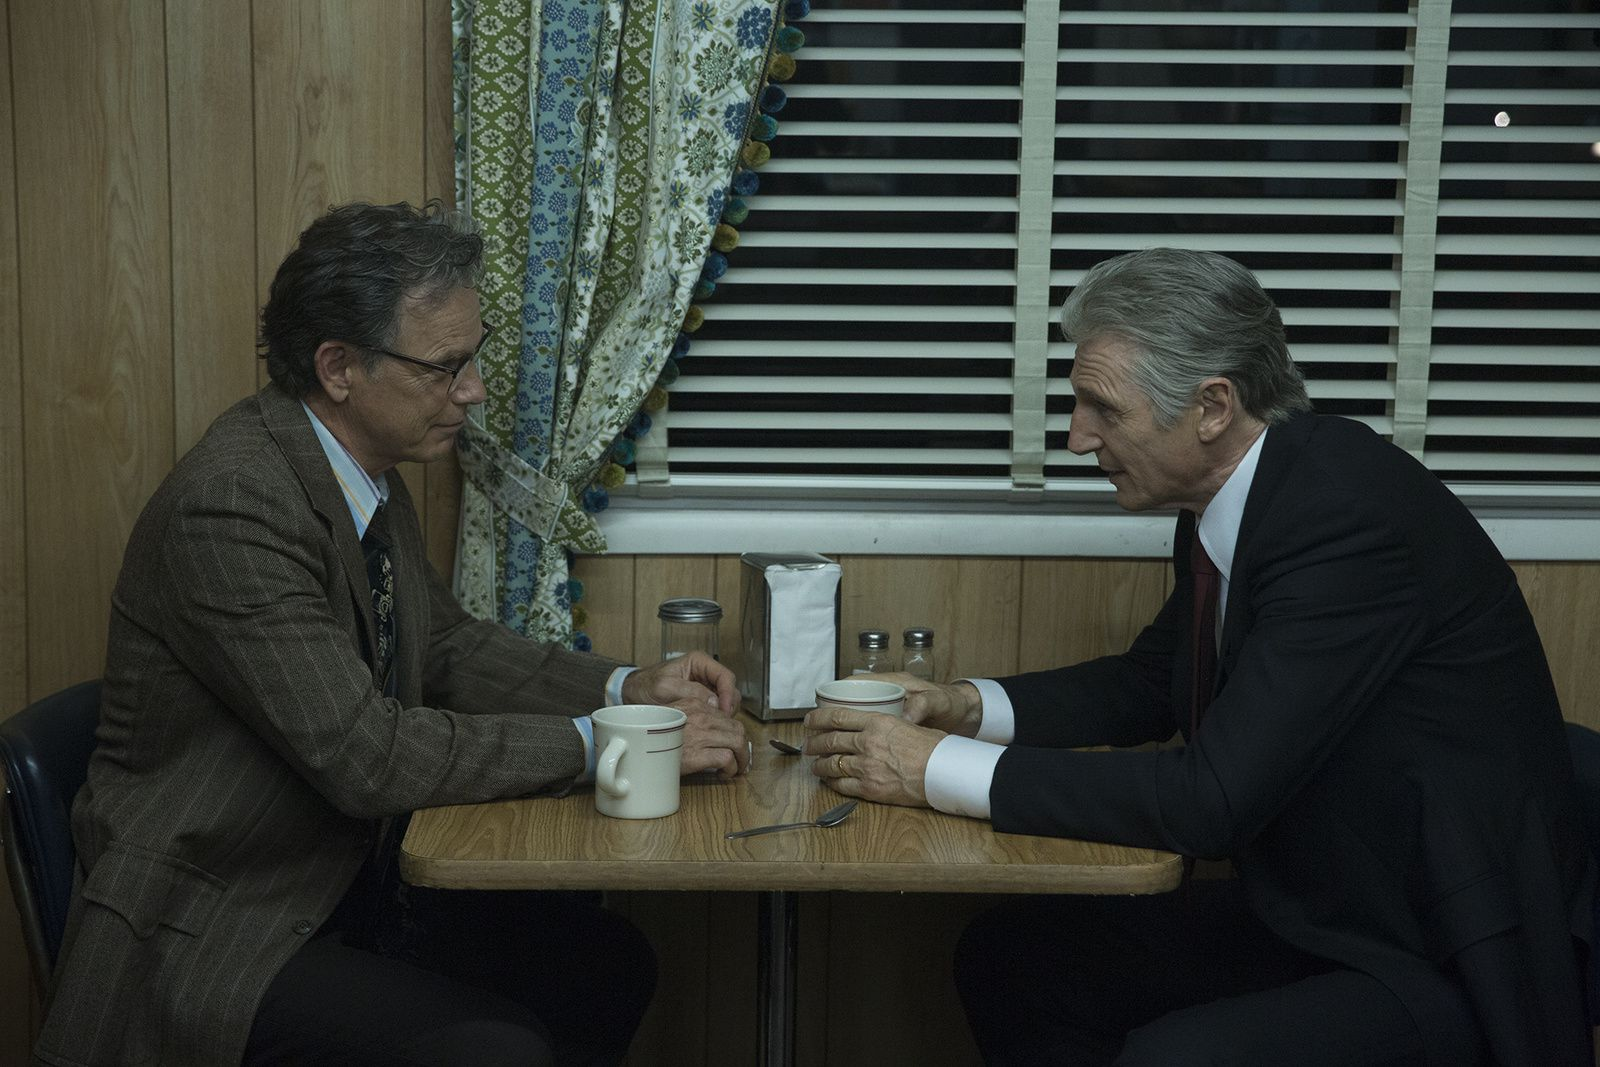 LIAM NEESON est THE SECRET MAN - MARK FELT : la bande-annonce + 2 extraits // Au cinéma le 1er novembre